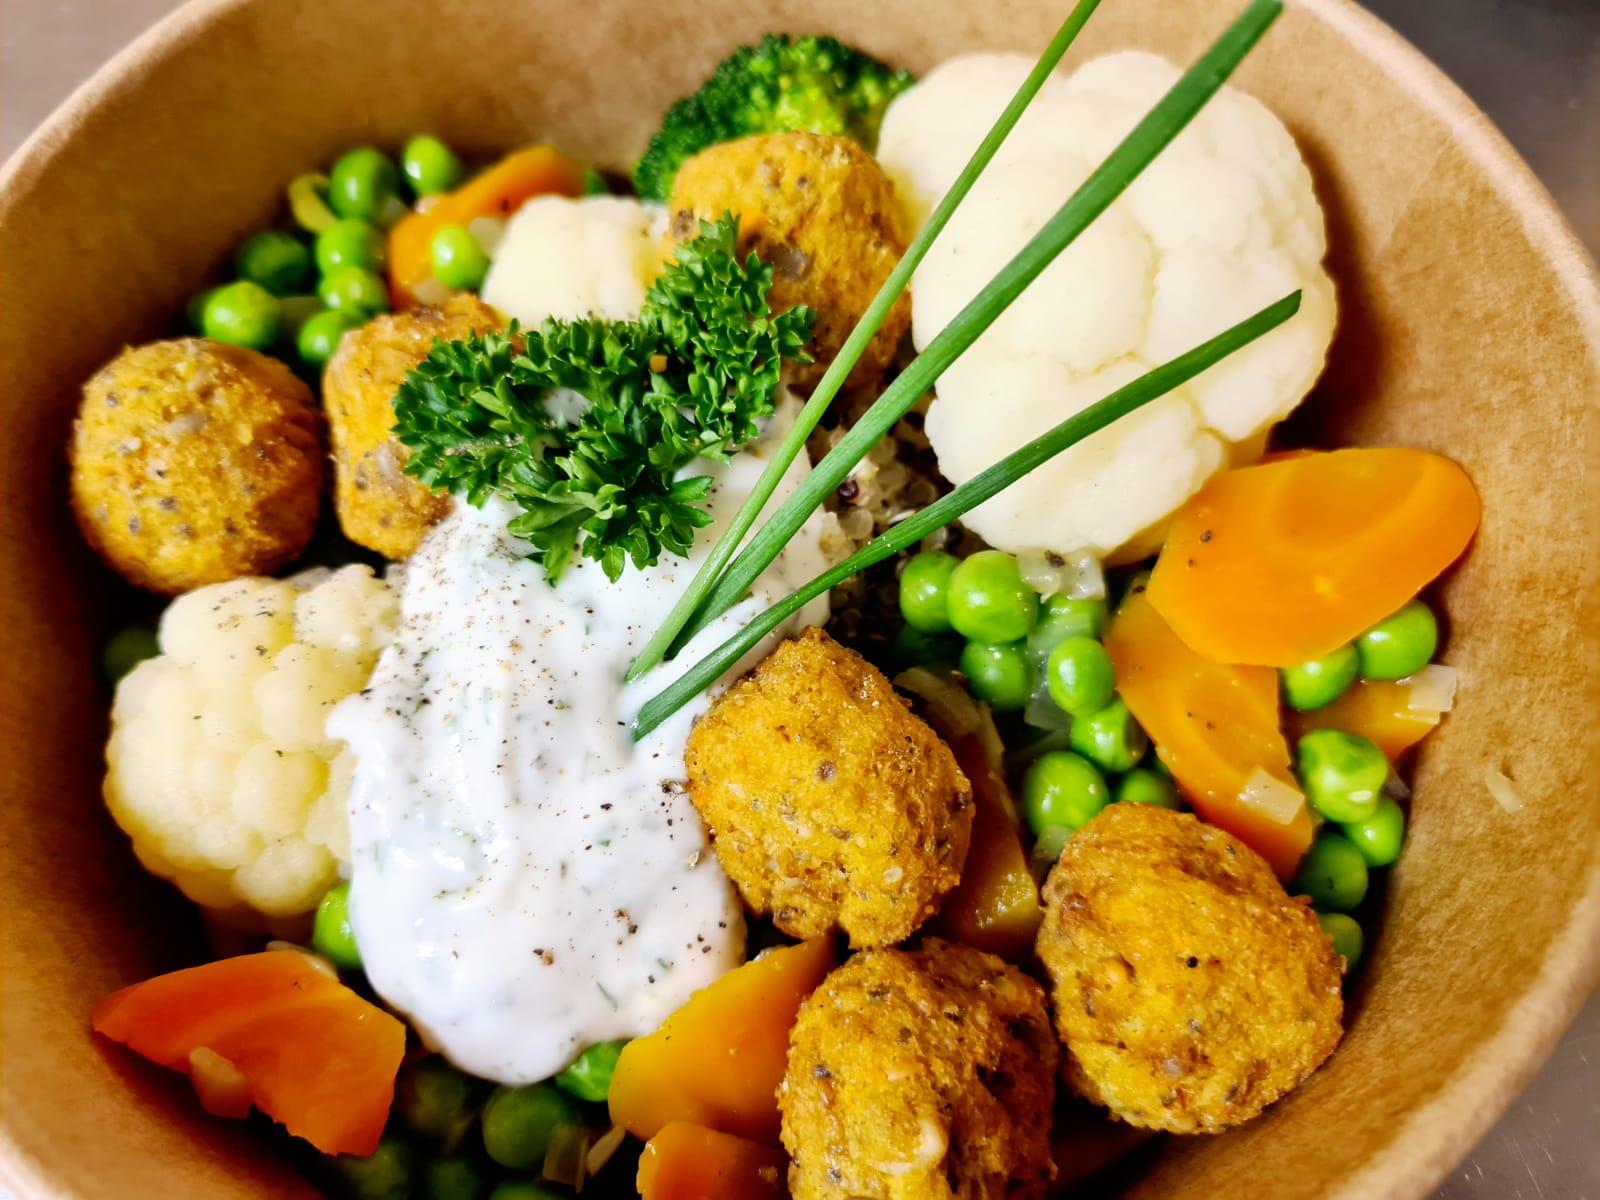 Buntes Gemüse (Rüebli, Erbsen, Blumenkohl, Brokkoli) mit Quinoa, Süsskartoffel Hanfbällchen und Jogurtkräuter dipp